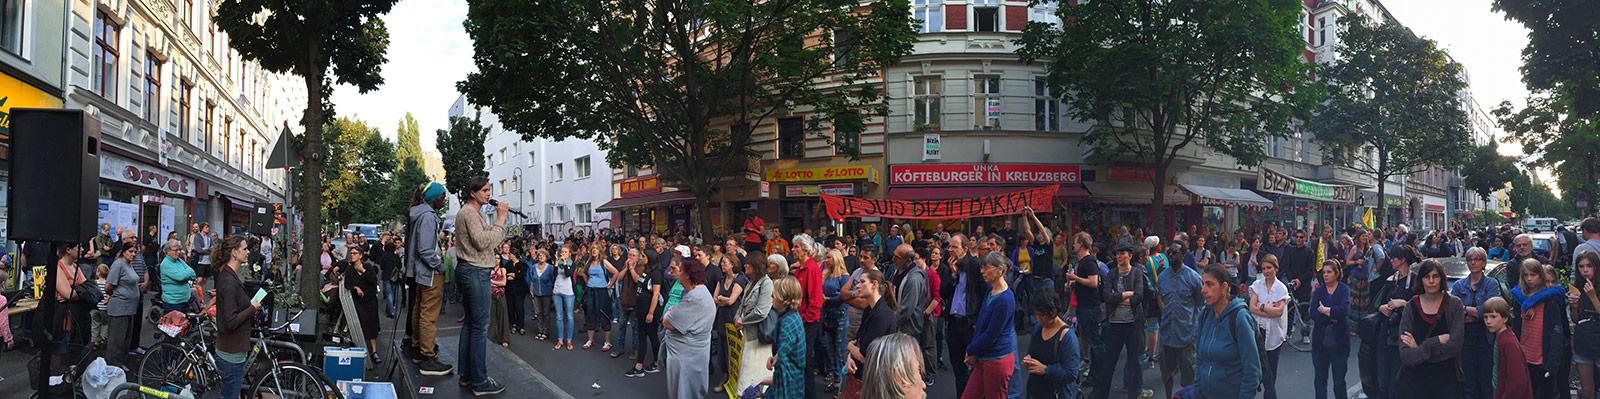 8. Versammlung am 15. Juli – Nach der gemeinsamen Demo durch Kreuzberg mit Kotti & Co stellten sich verschiedene engagierte Initiativen als Gäste auf der Bizim Kiez Versammlung vor (mehr Bilder mit Klick aufs Bild).